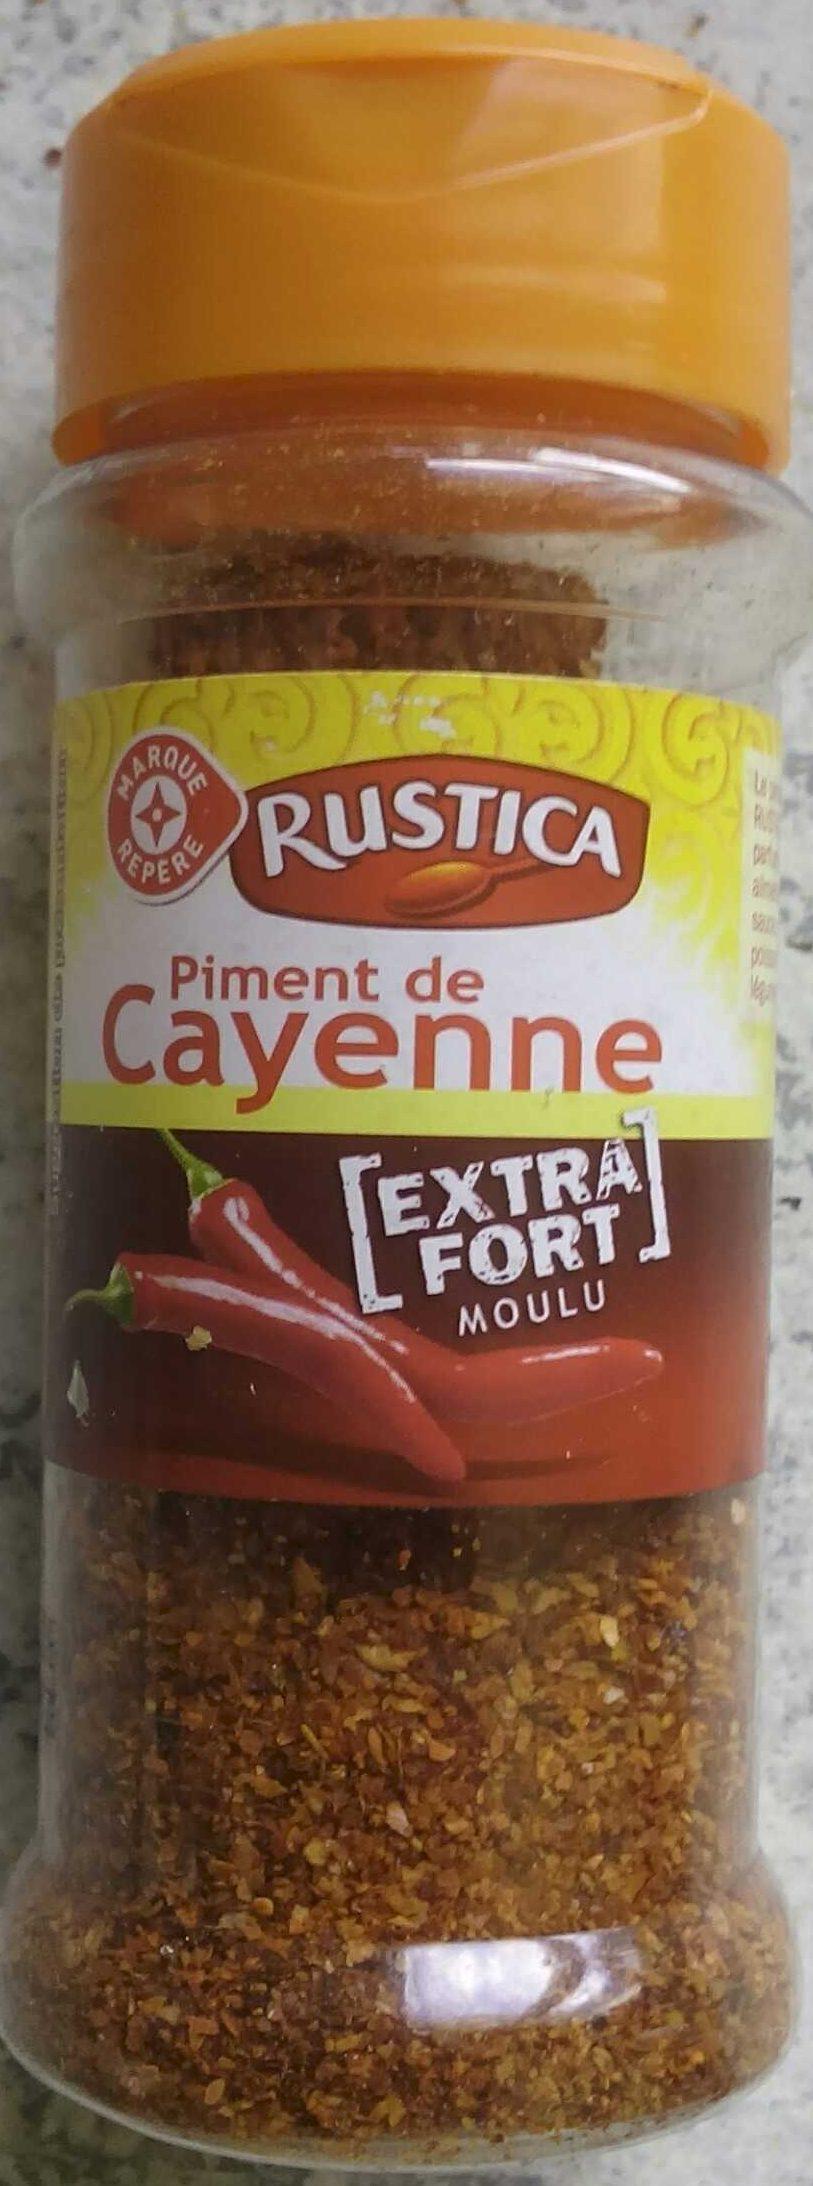 Piment de cayenne - Product - fr